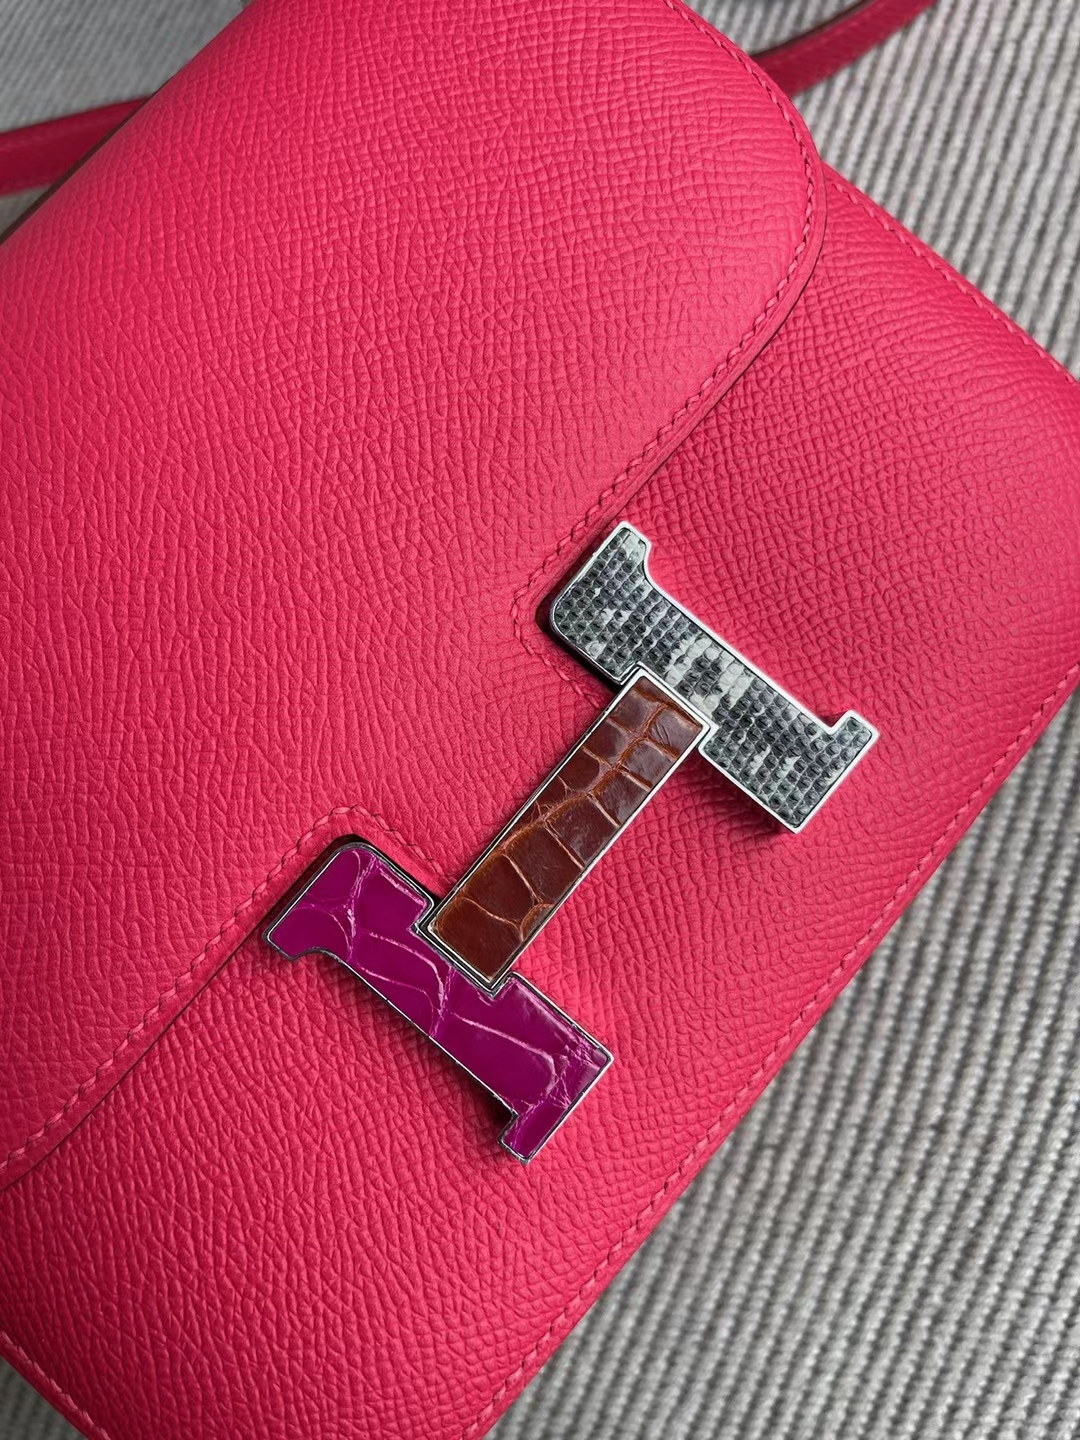 Hermès(爱马仕)Constance 康斯坦斯 Epsom i6 极致粉 多拼色 珐琅扣 19cm